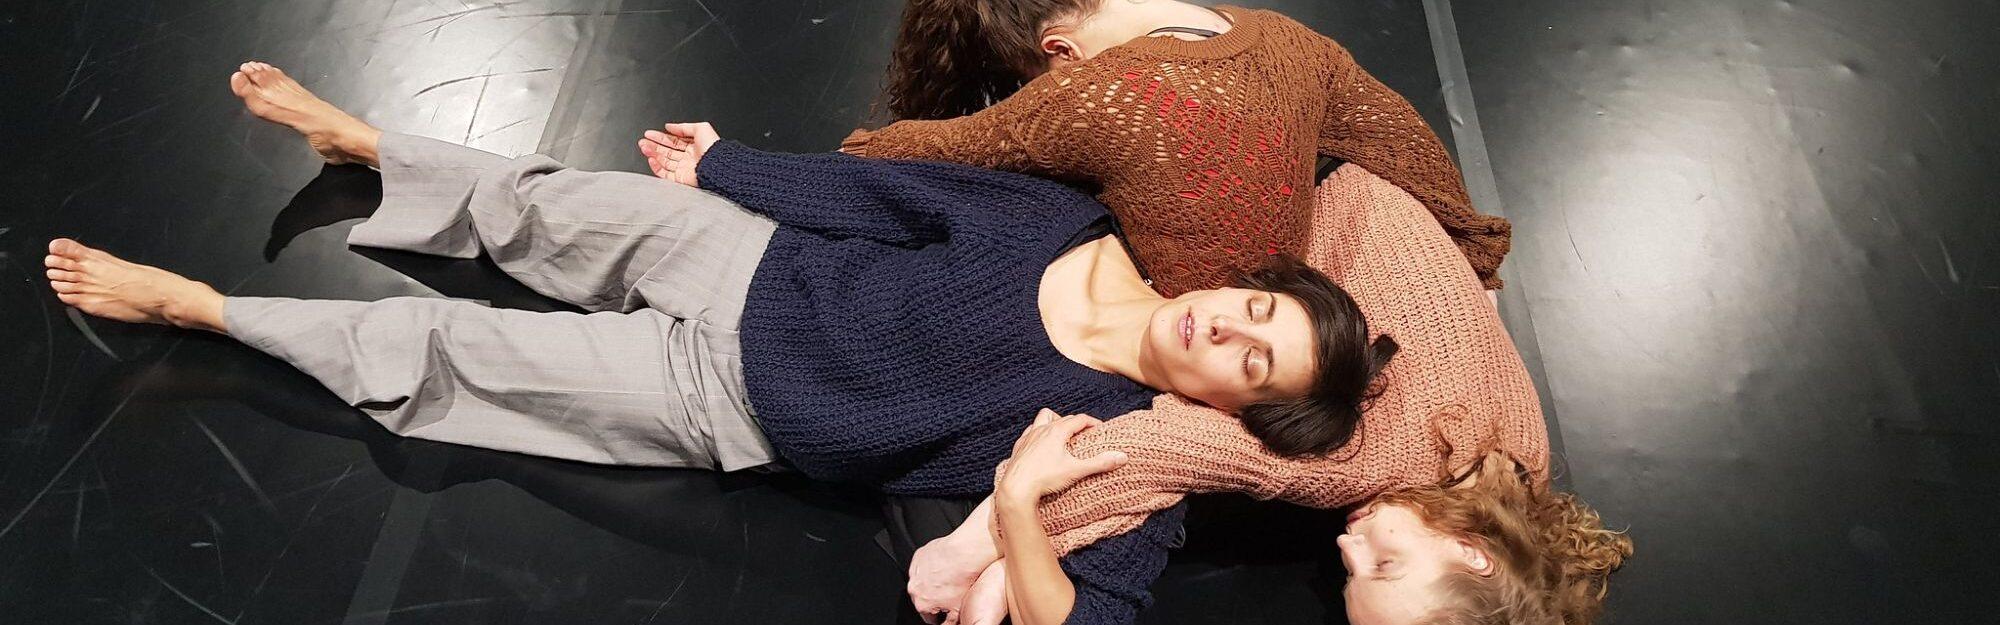 kolm naist tantsulavastuses